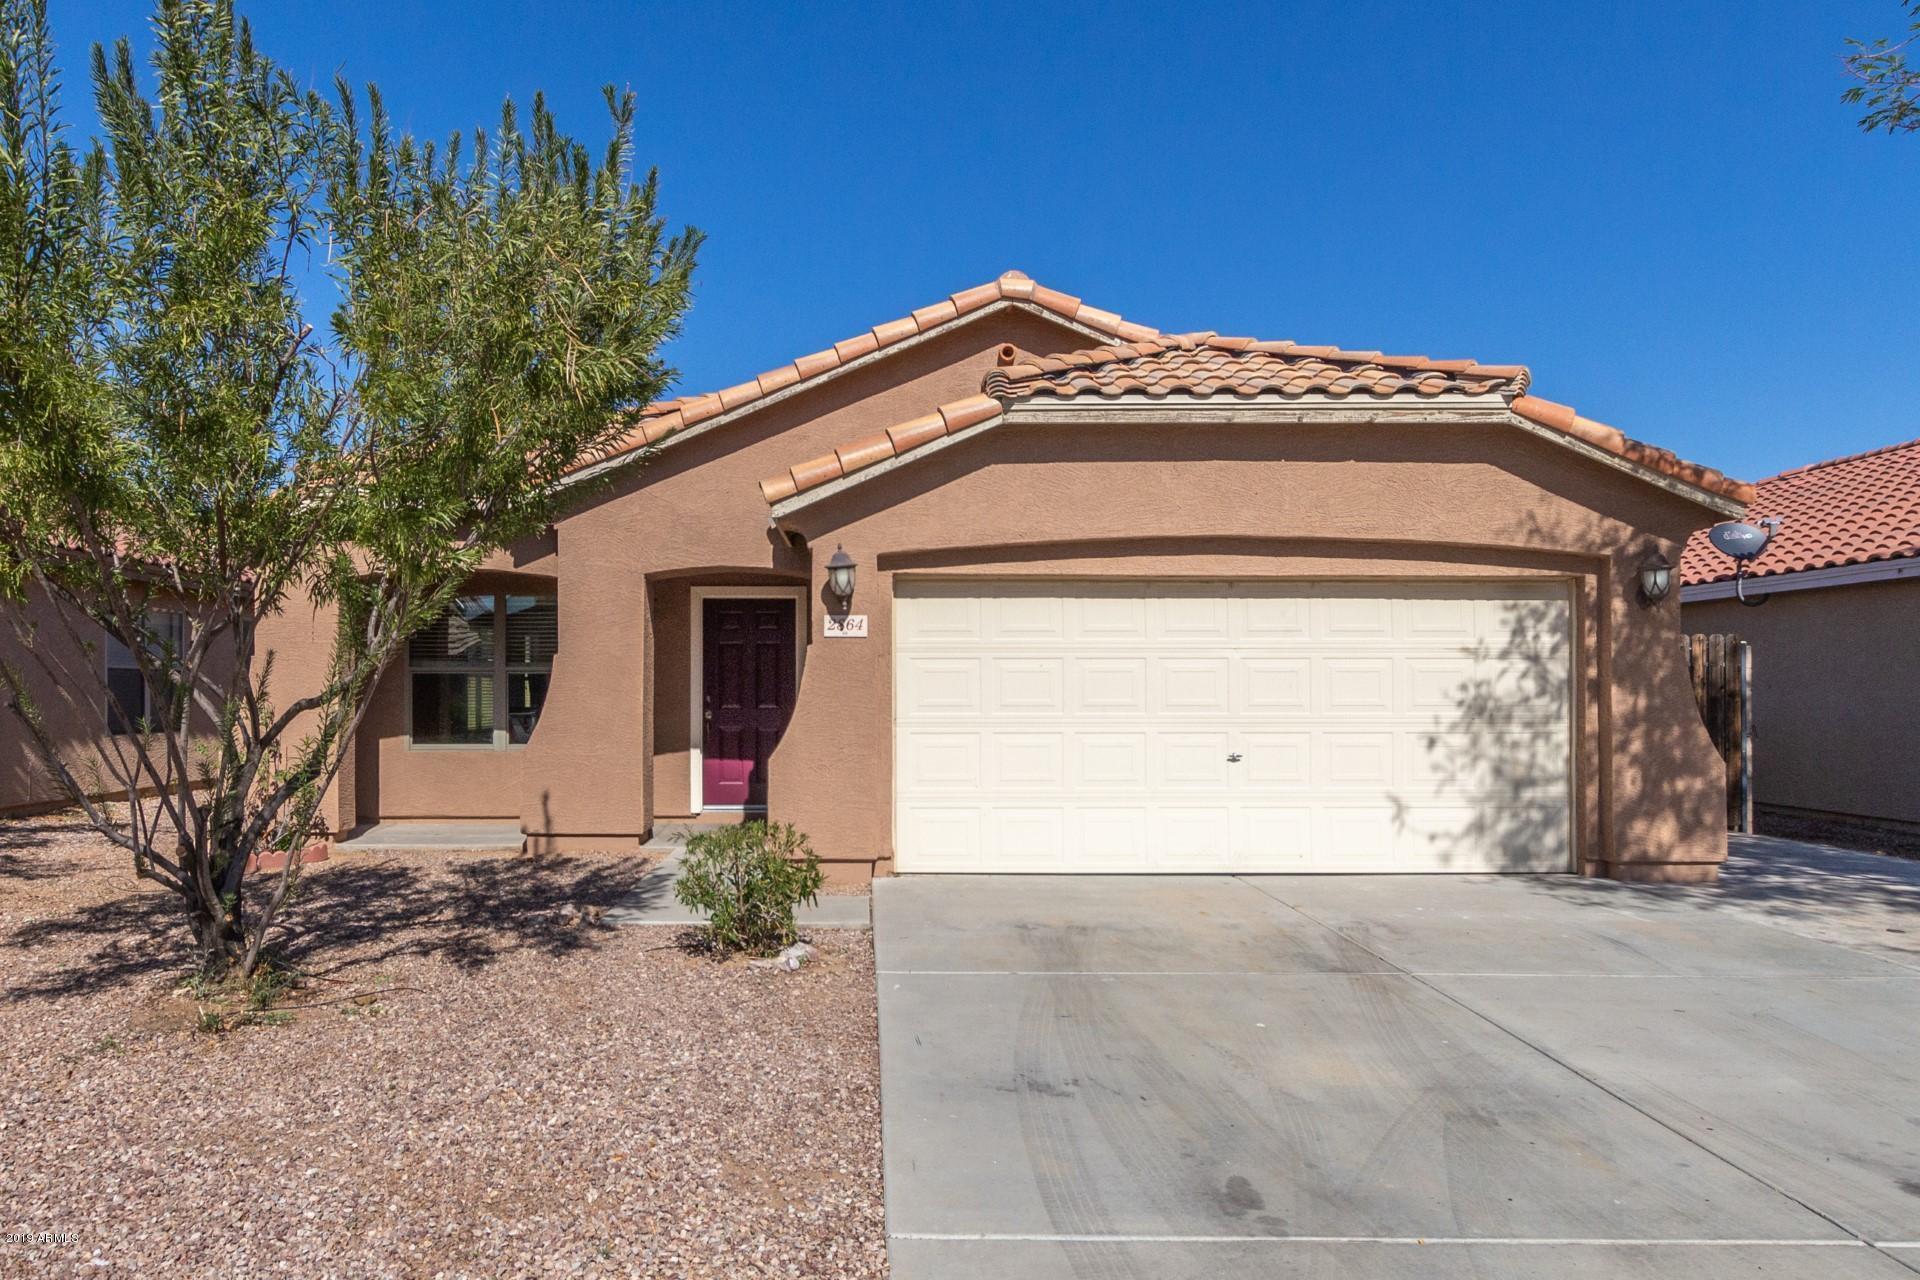 Photo of 2864 W ALLENS PEAK Drive, Queen Creek, AZ 85142